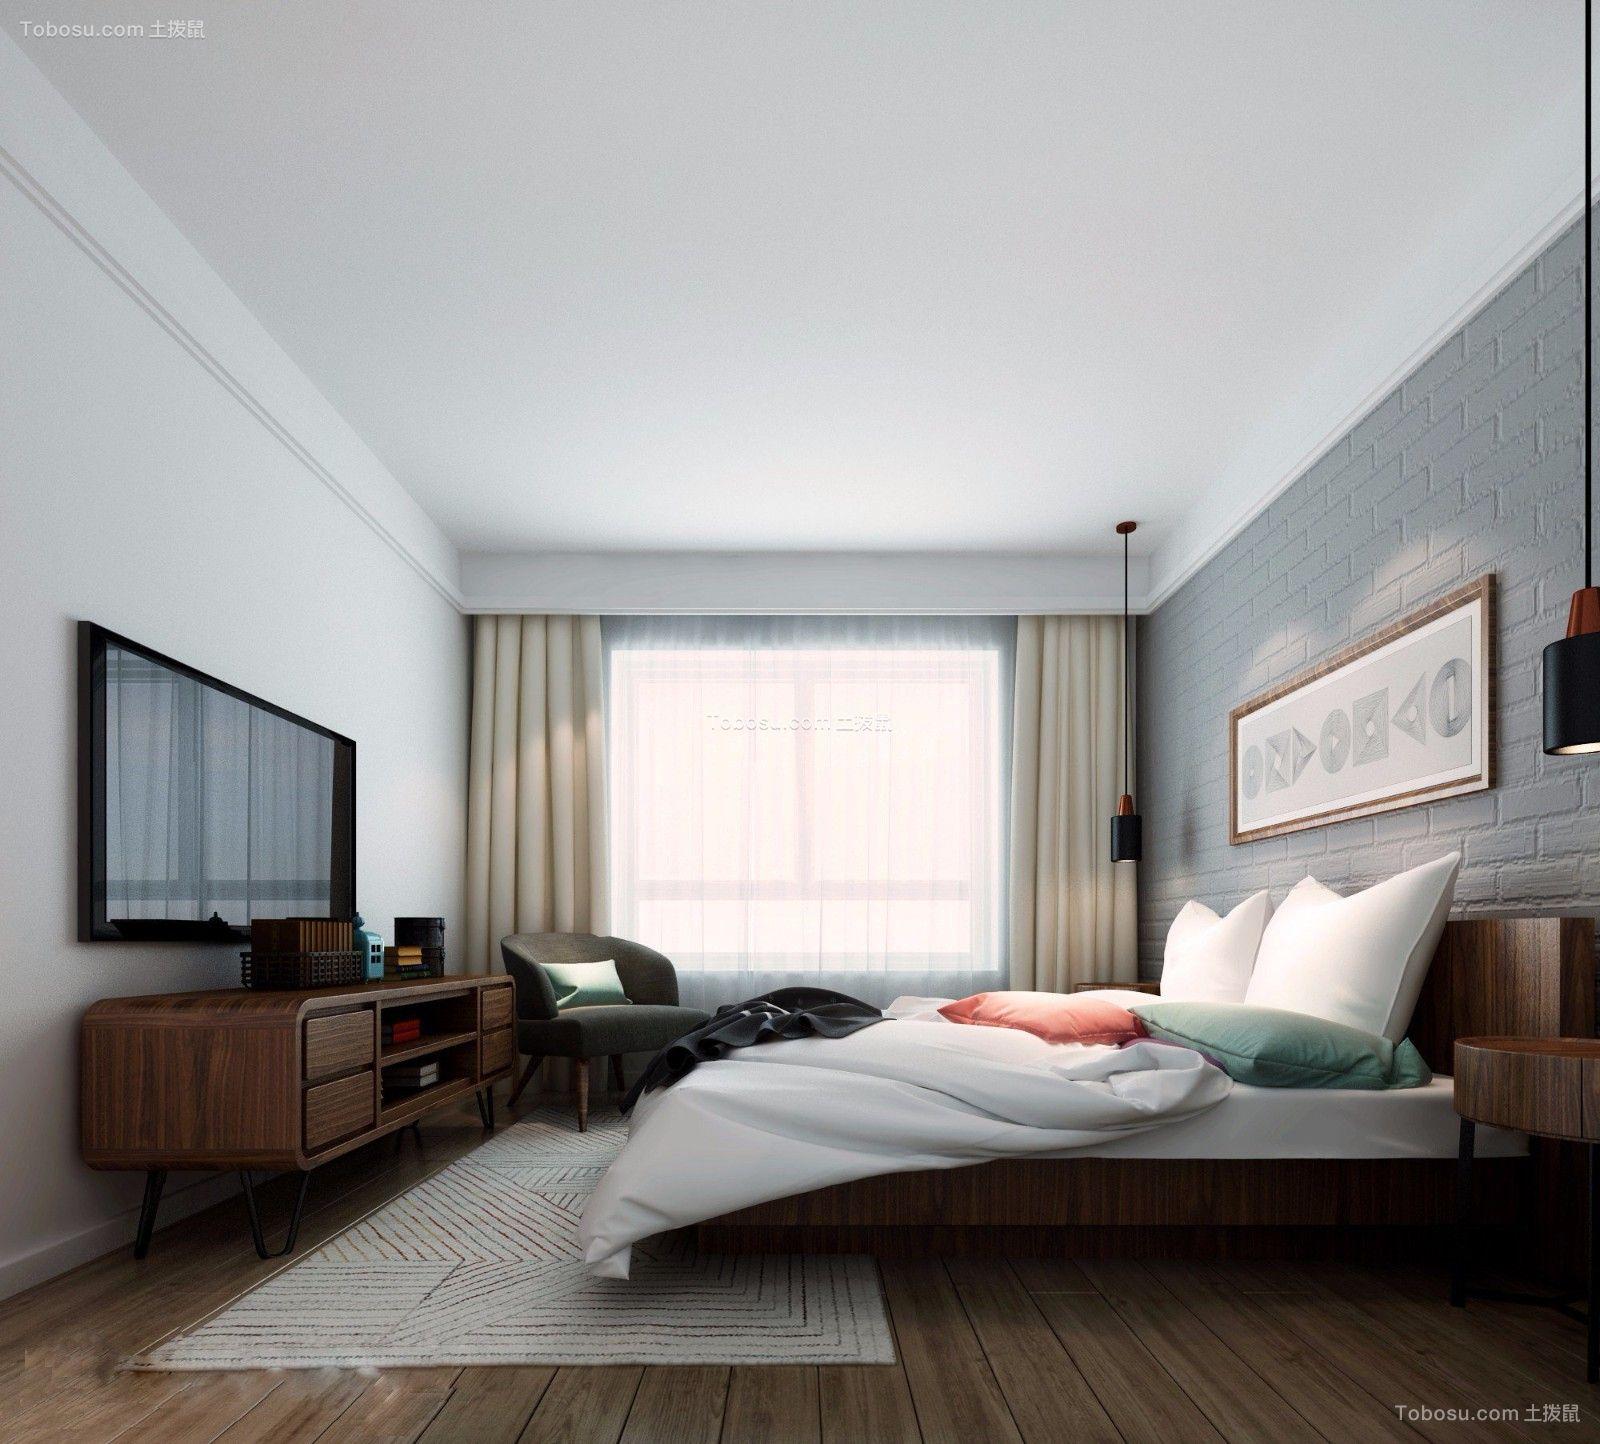 2019北欧卧室装修设计图片 2019北欧电视柜效果图